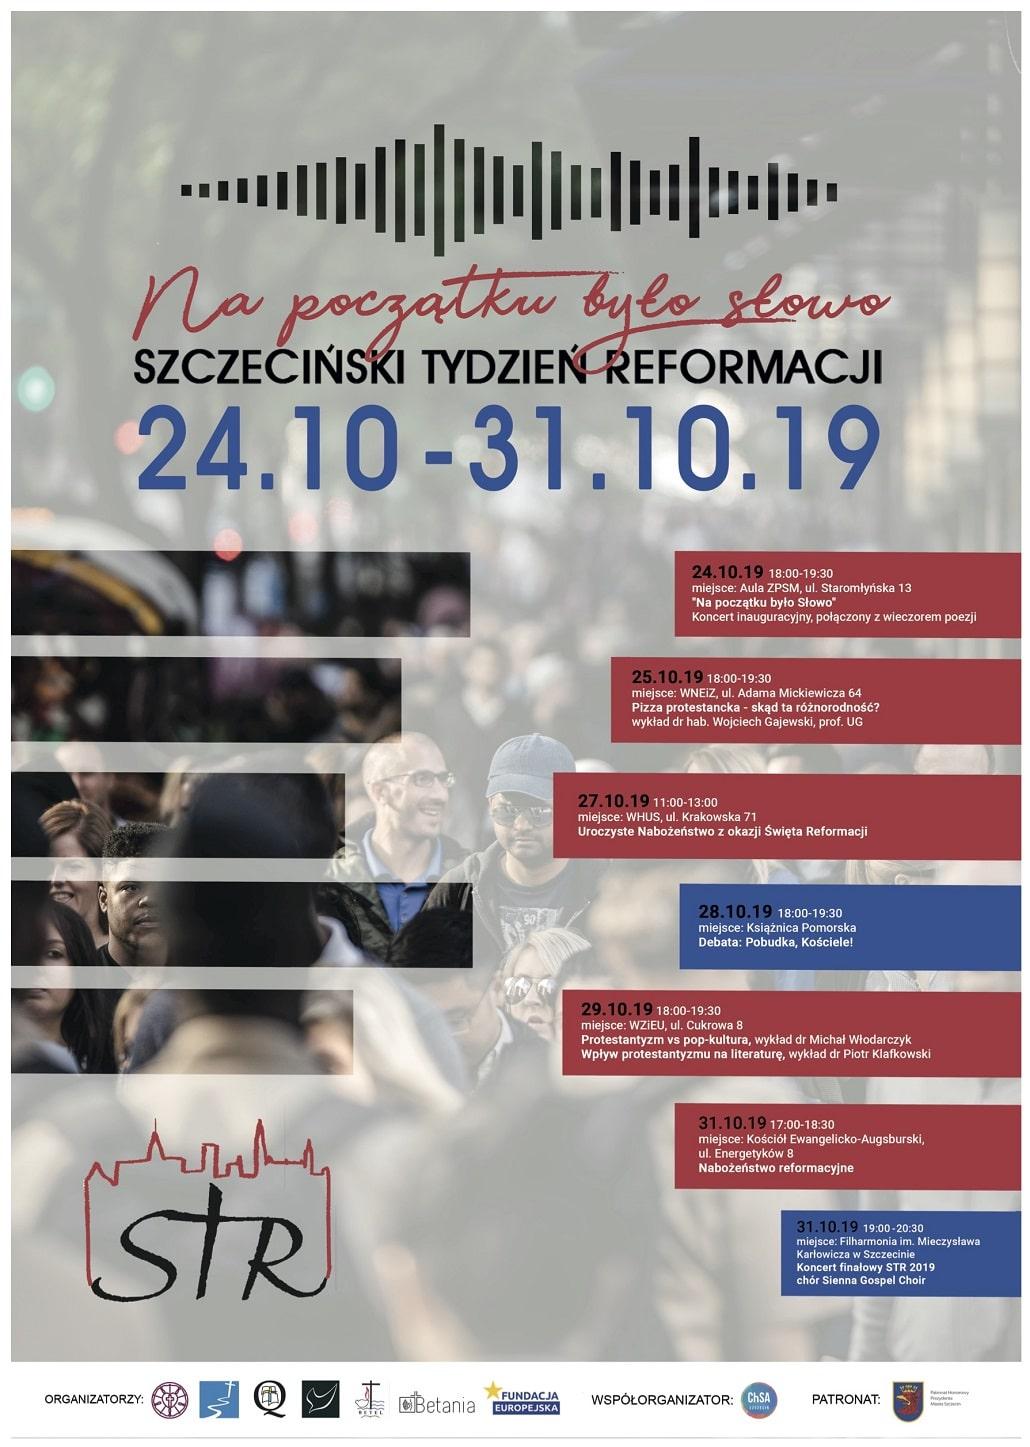 Plakat Szczecińskiego Tygodnia Reformacji 2019